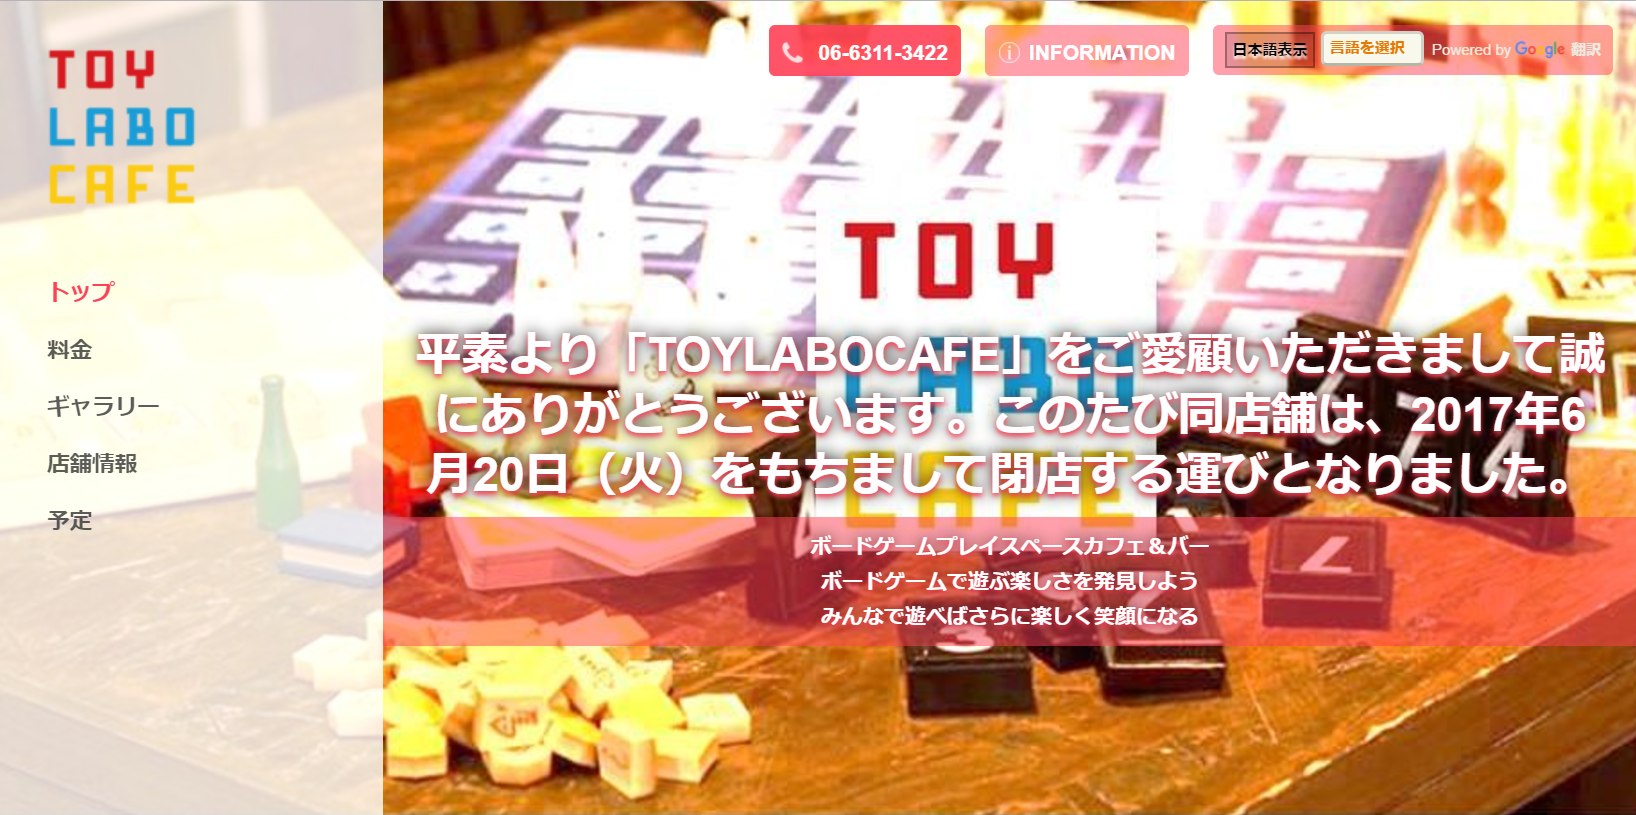 大阪・梅田のボードゲームカフェ『トイラボカフェ』閉店